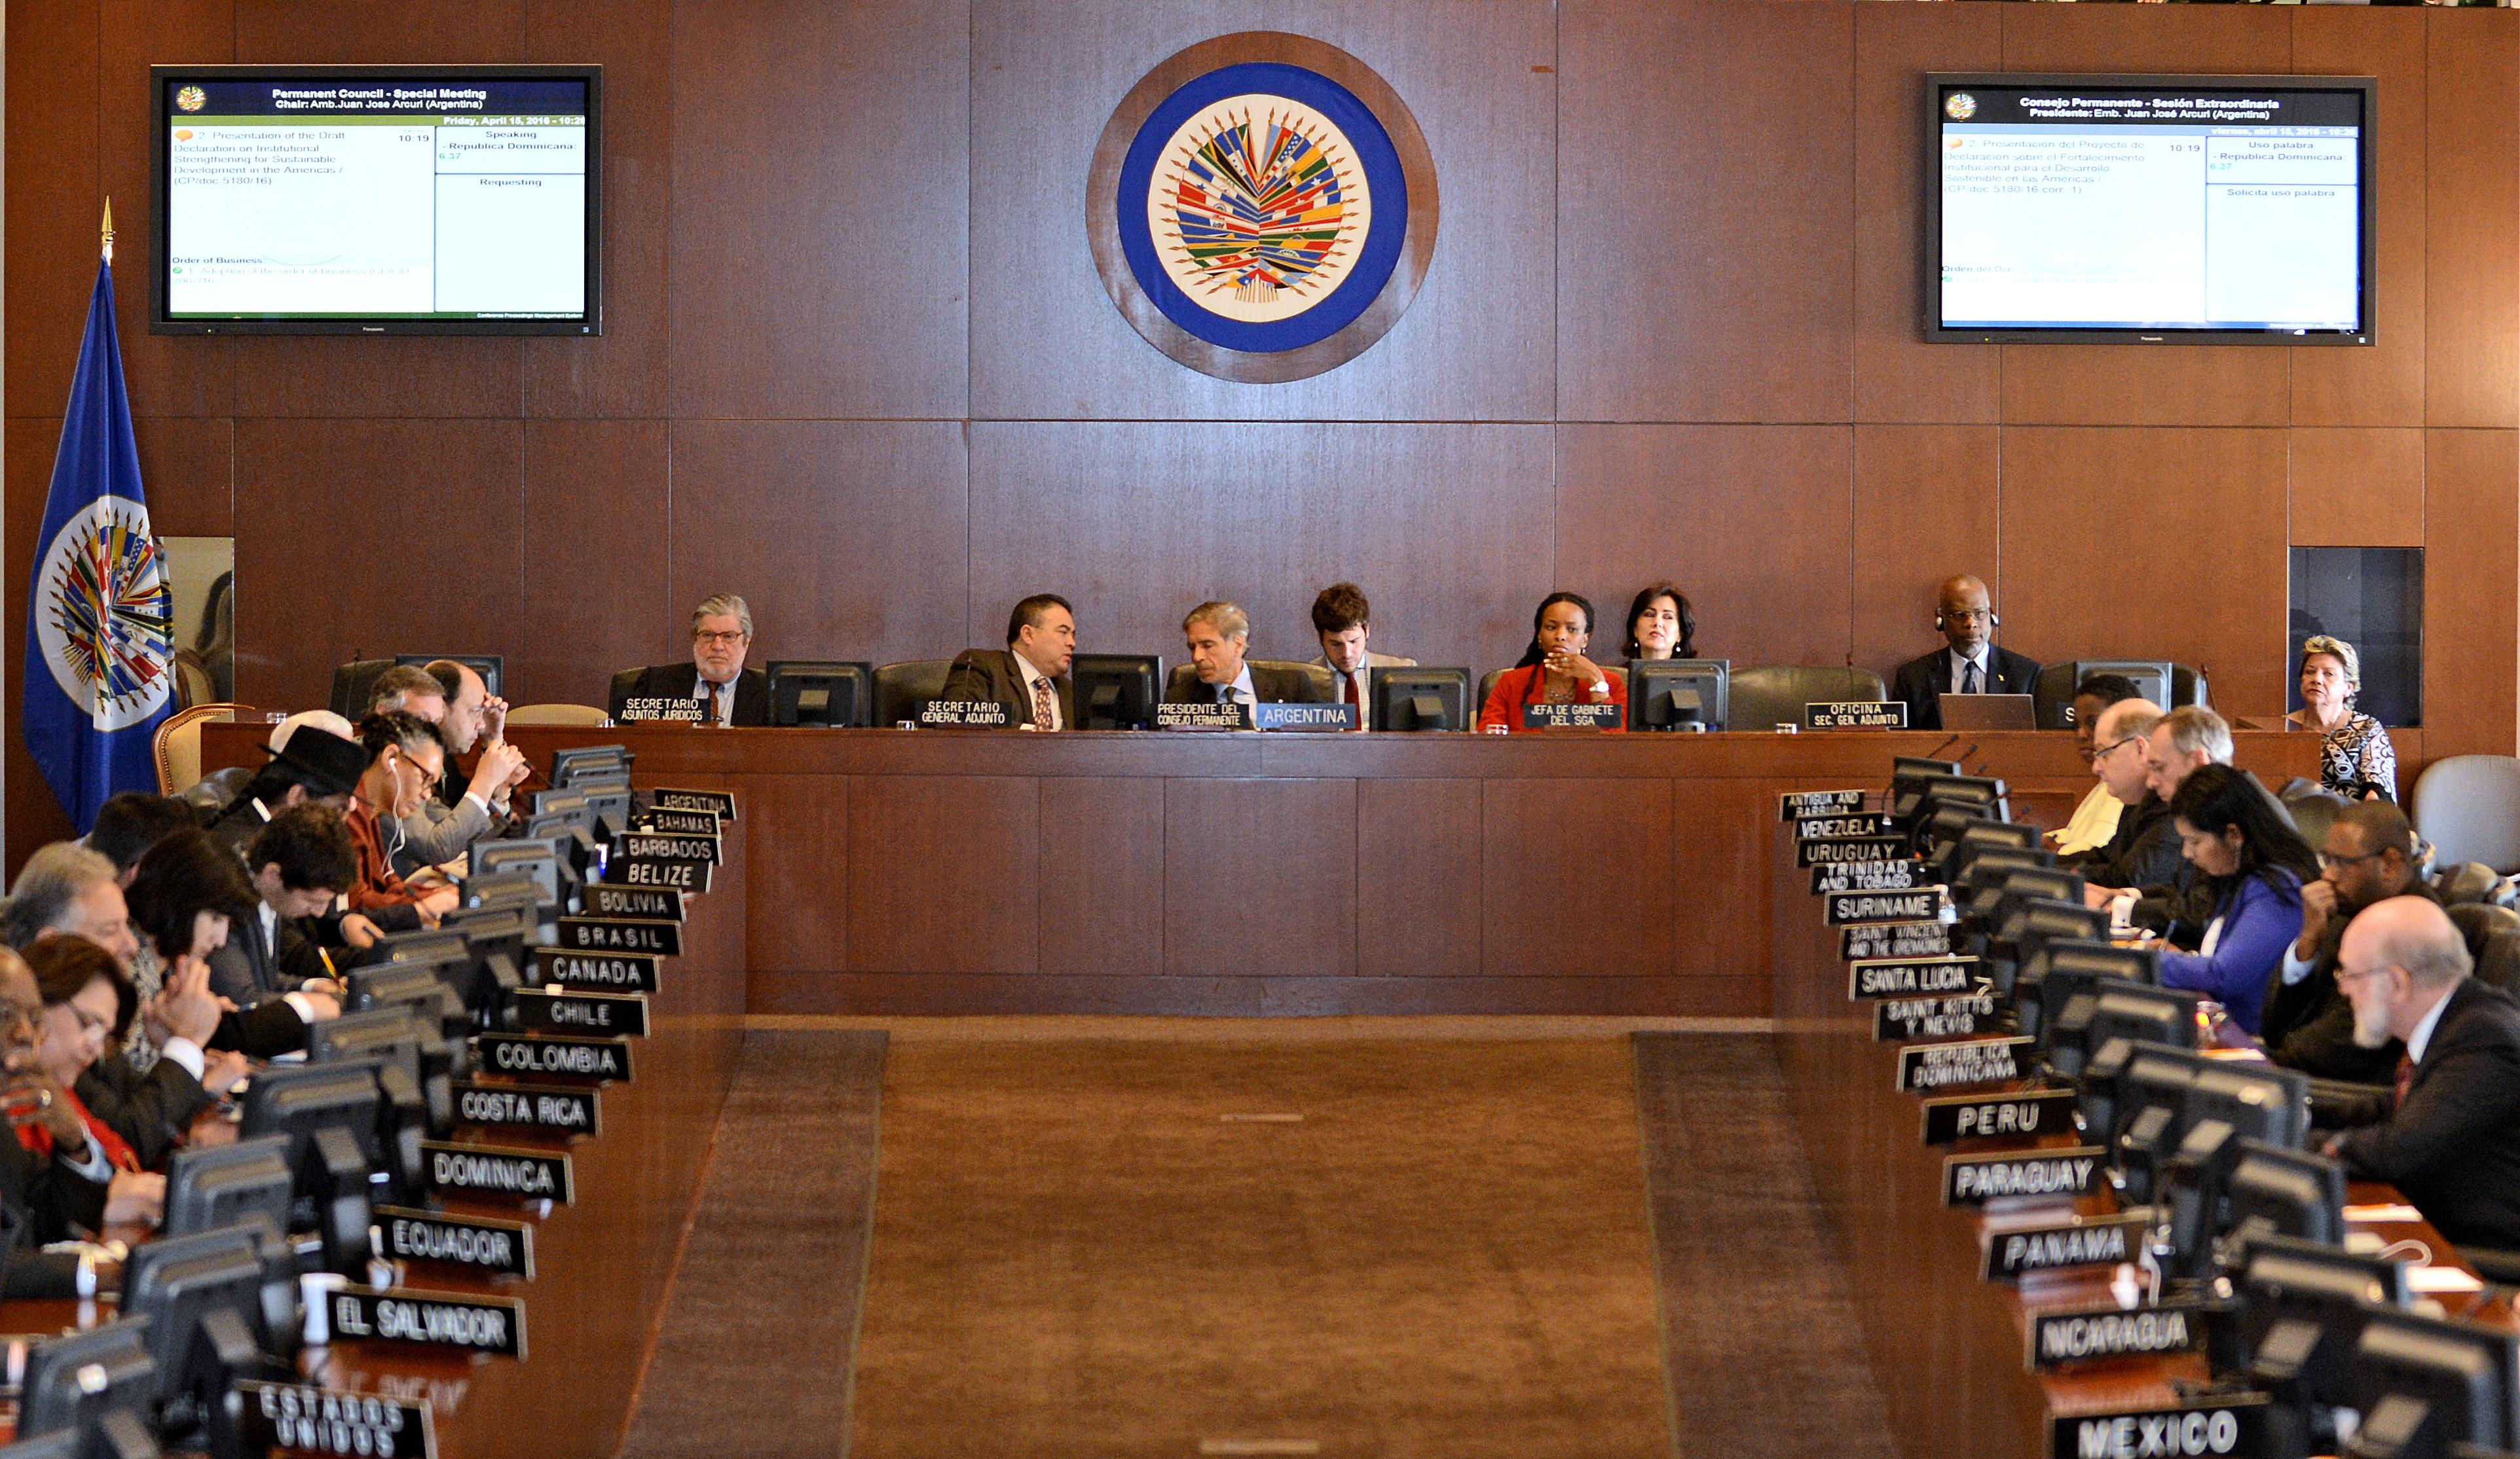 Consejo Permanente de la OEA discutirá el martes 28 sobre Venezuela